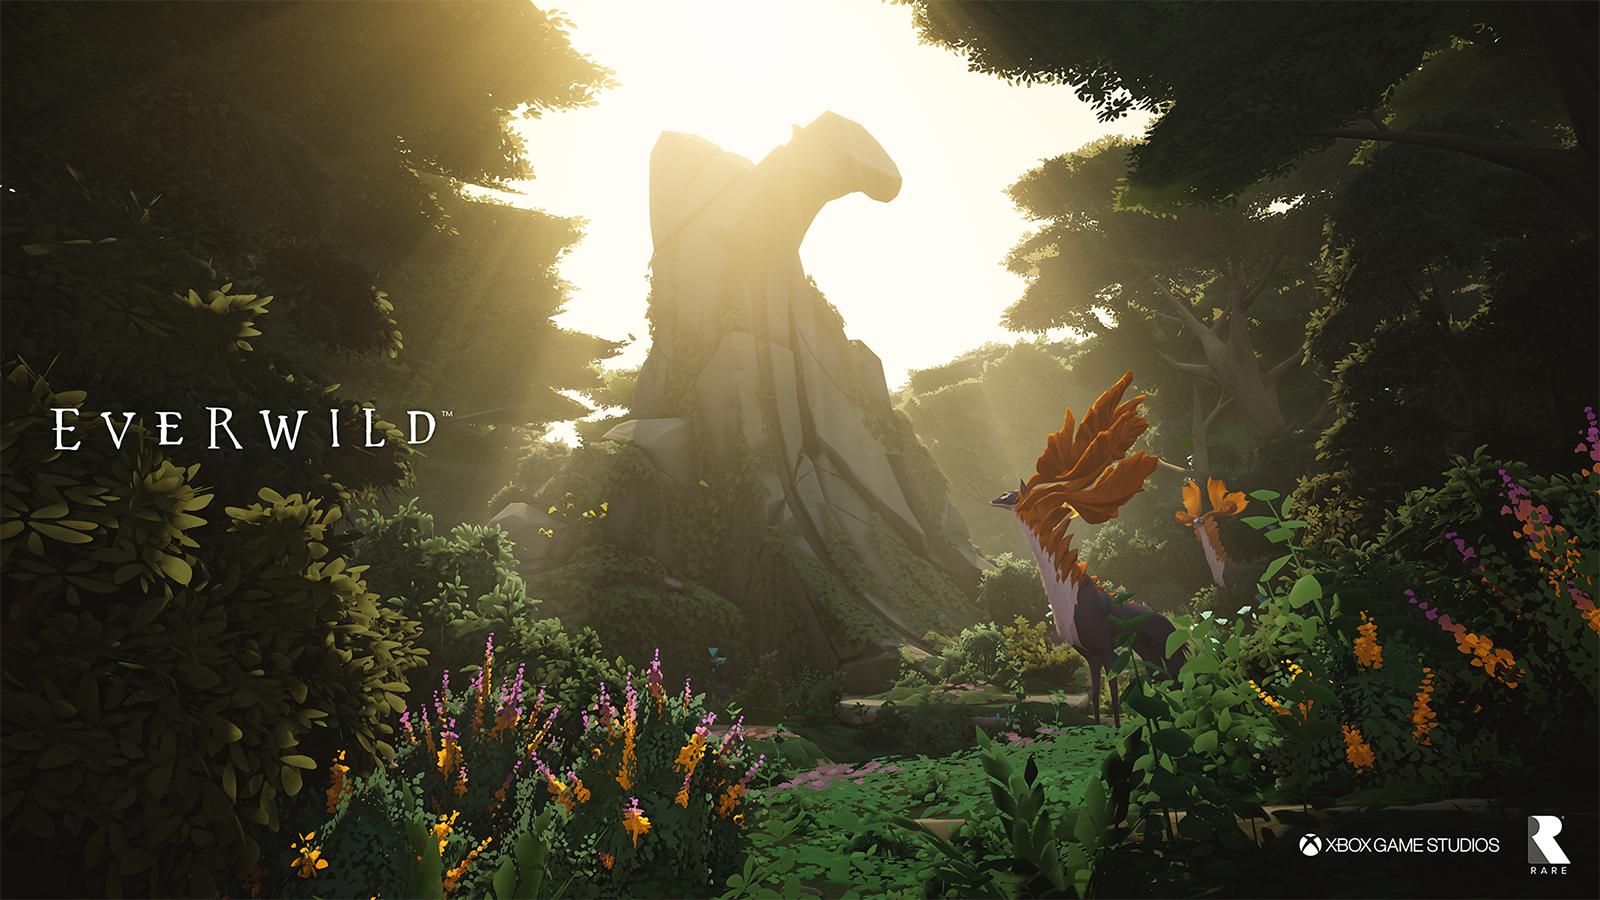 بازی everwild